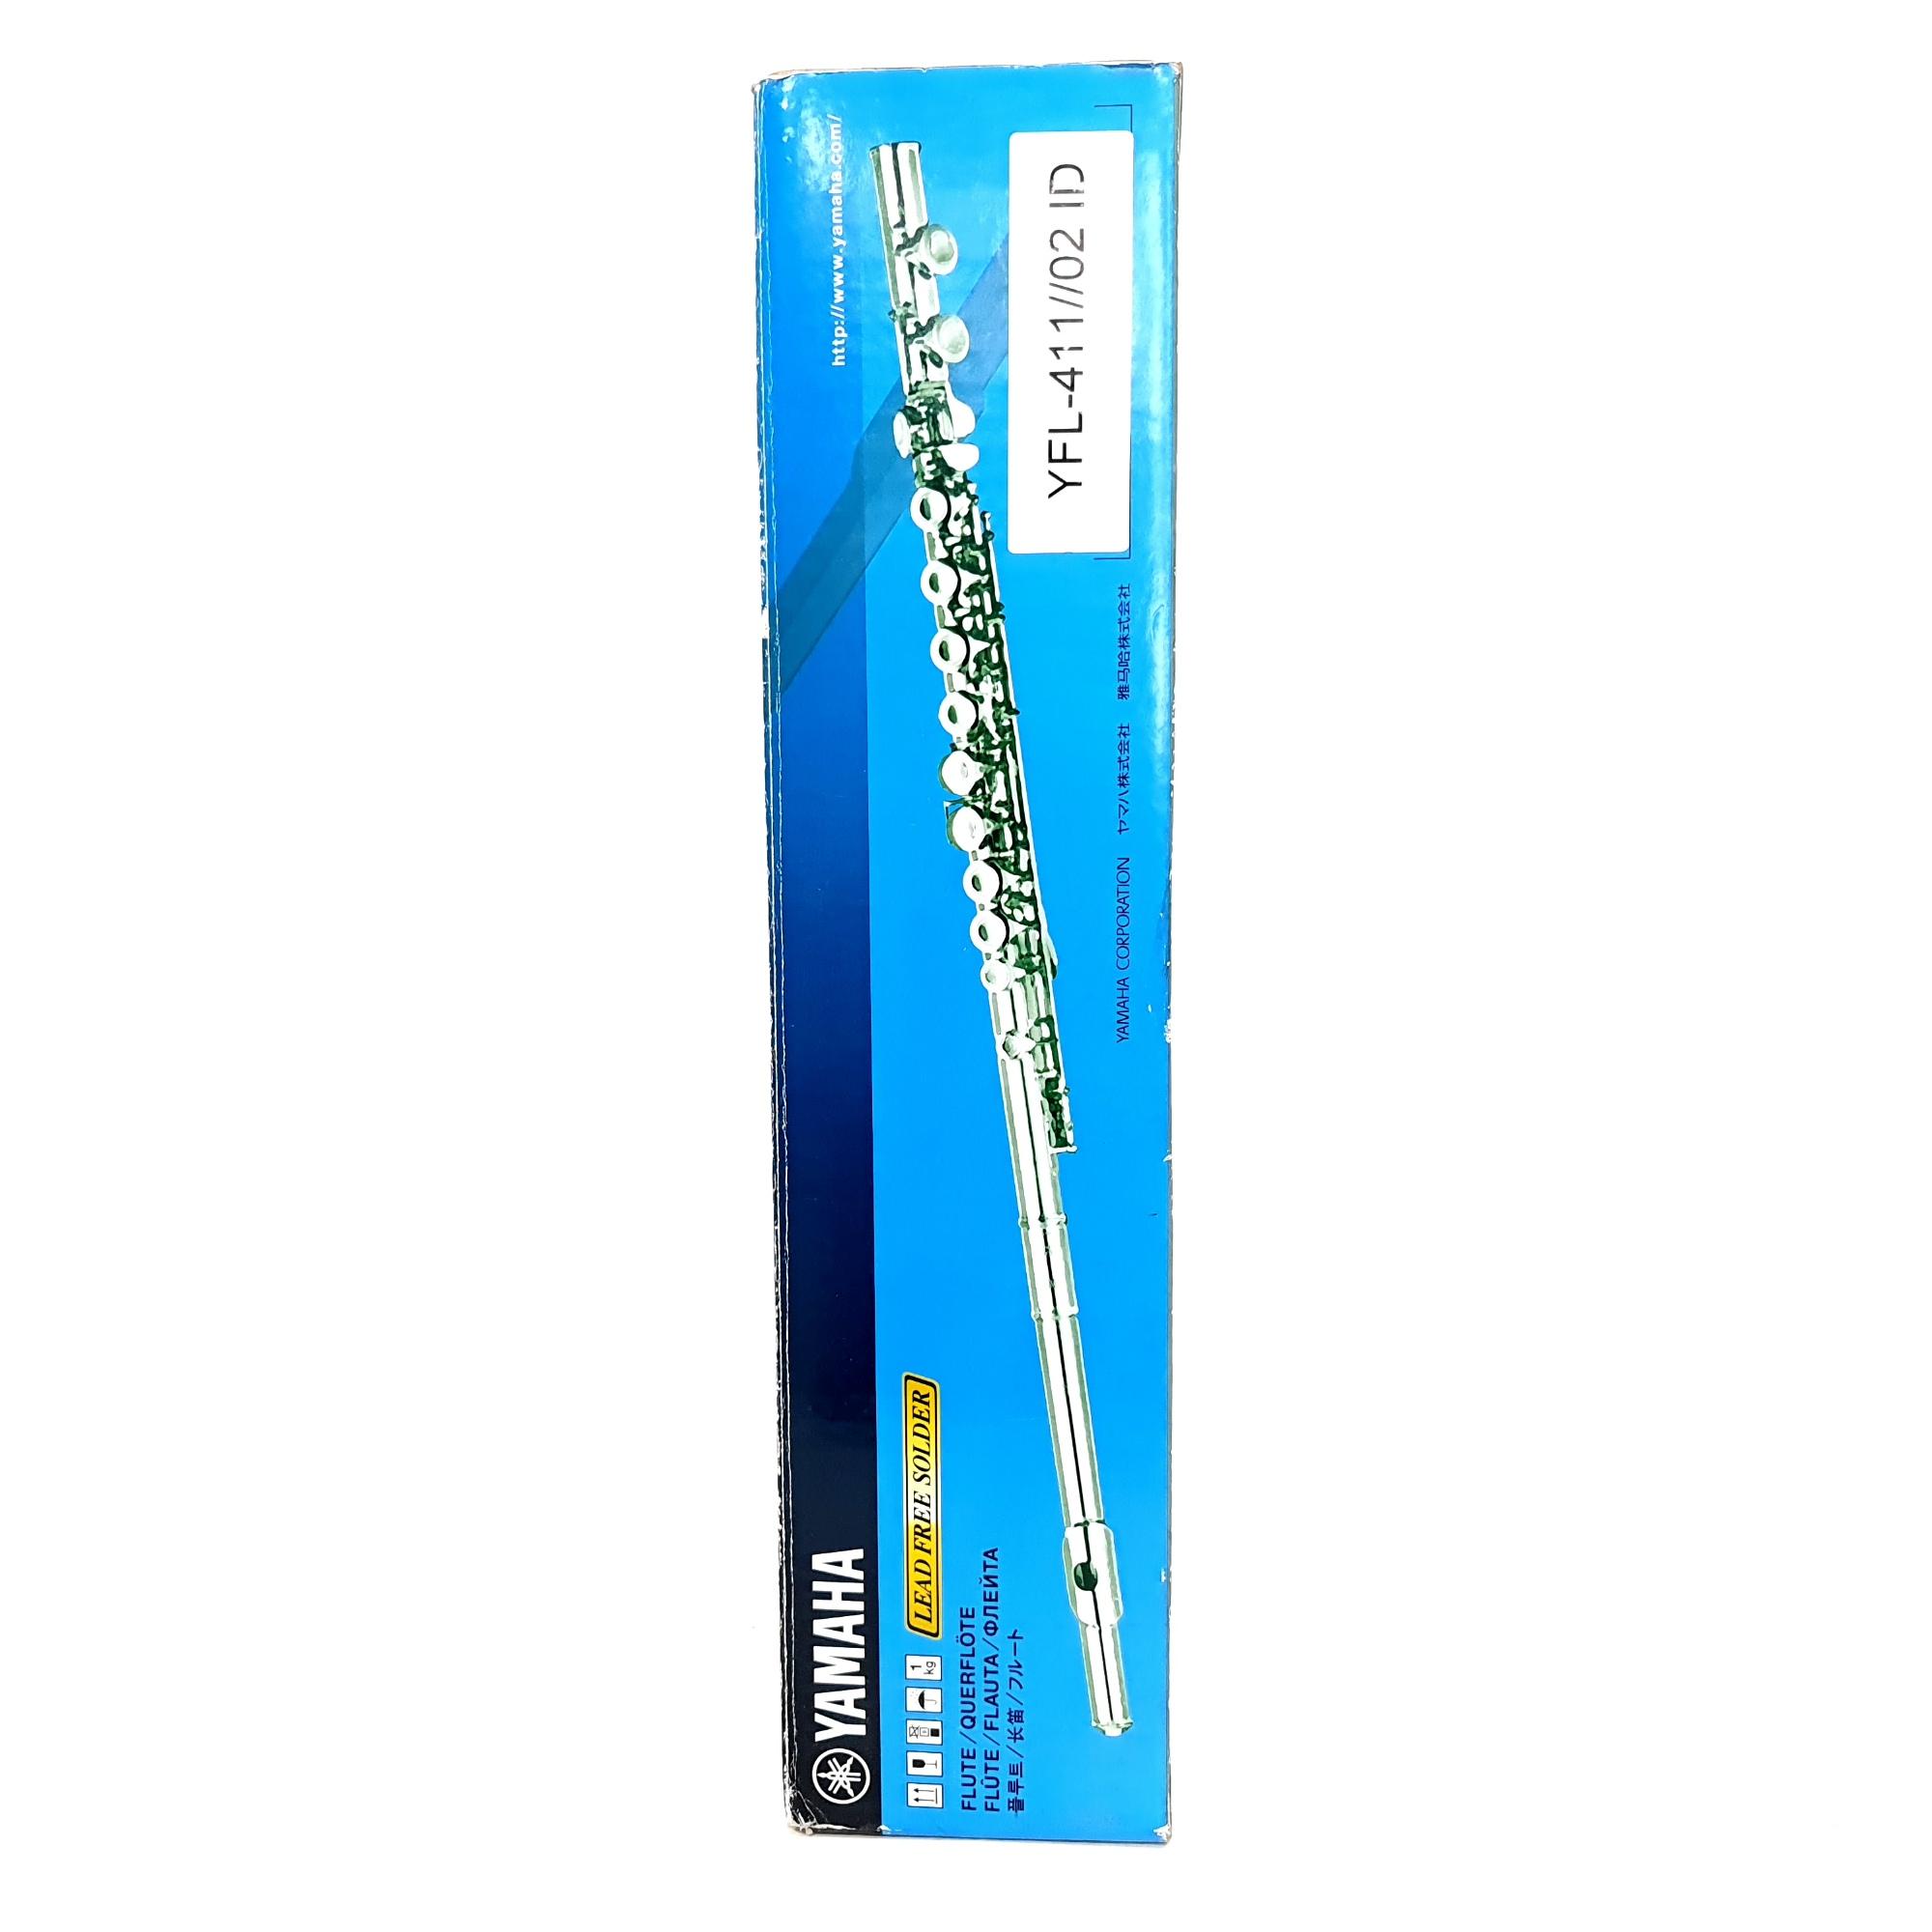 Flauta Transversal Yamaha YFL-411 Prata Maciça Seminova